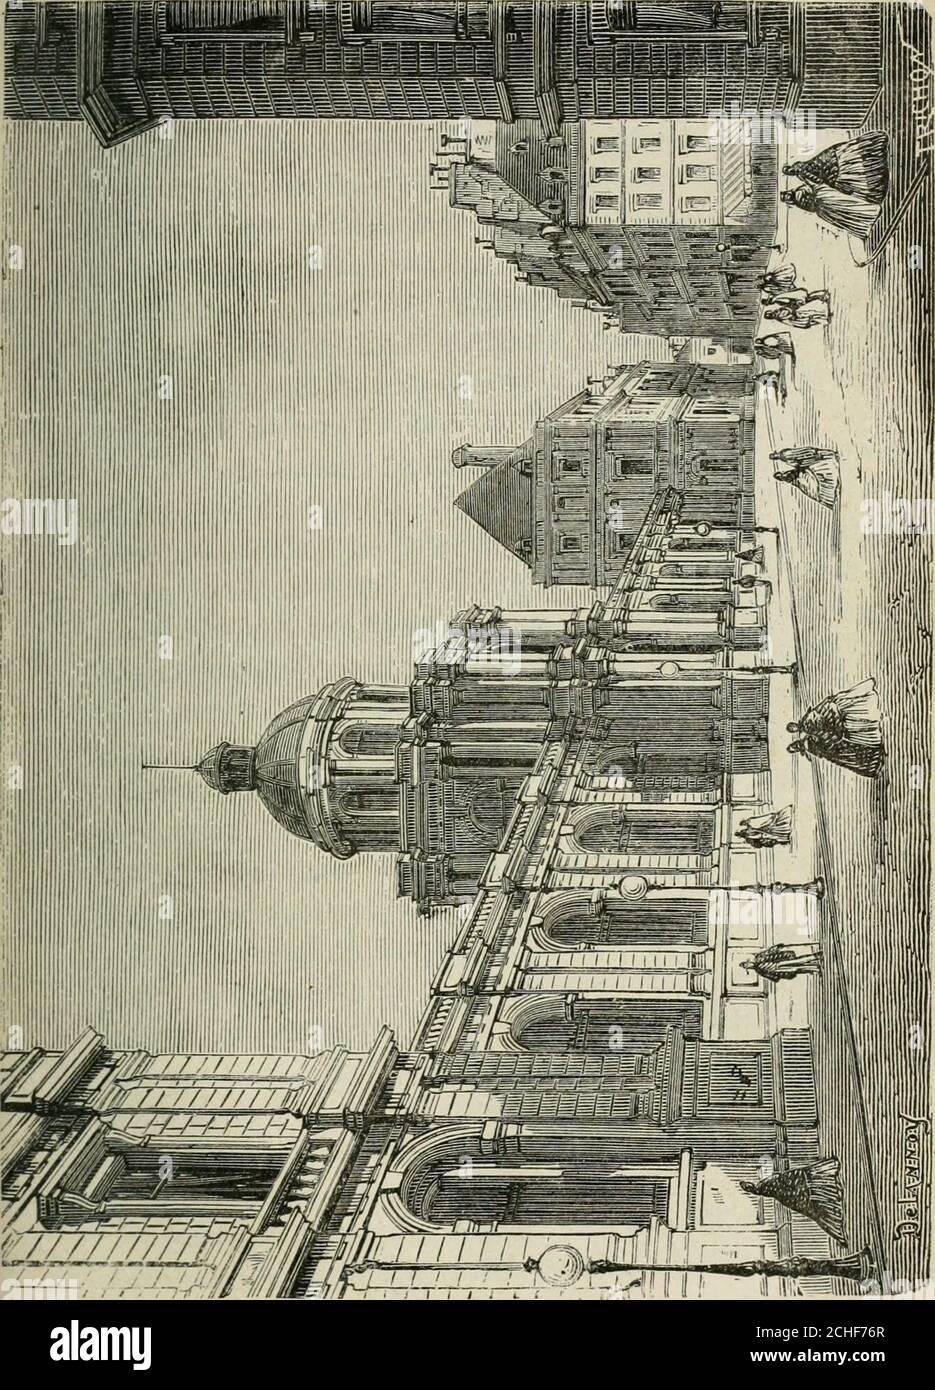 . Les merveilles du Nouveau Paris-- . -Royal. Louis XIV le donna Plustard au duc dOrléans, son frère, et depuis cette époque il a été lapanage des princes du sang. Un incendiaire detruisit lafaçade en 1763; Louis-Philippe dOrléans, petit-fils durégent, chargea Moreau de la réinterprétation. Ilfit aussi élever autour du jardrn ces magnifiques galeries oùlindustrie parisienne conte ses plus belles productions dor-févrerie et de bijouterie. Les vieux marronniers de Richanieutombaient pour faire place à ces constructions. La façade sur le jardin devant être équipée sur un plan gran-dios Banque D'Images